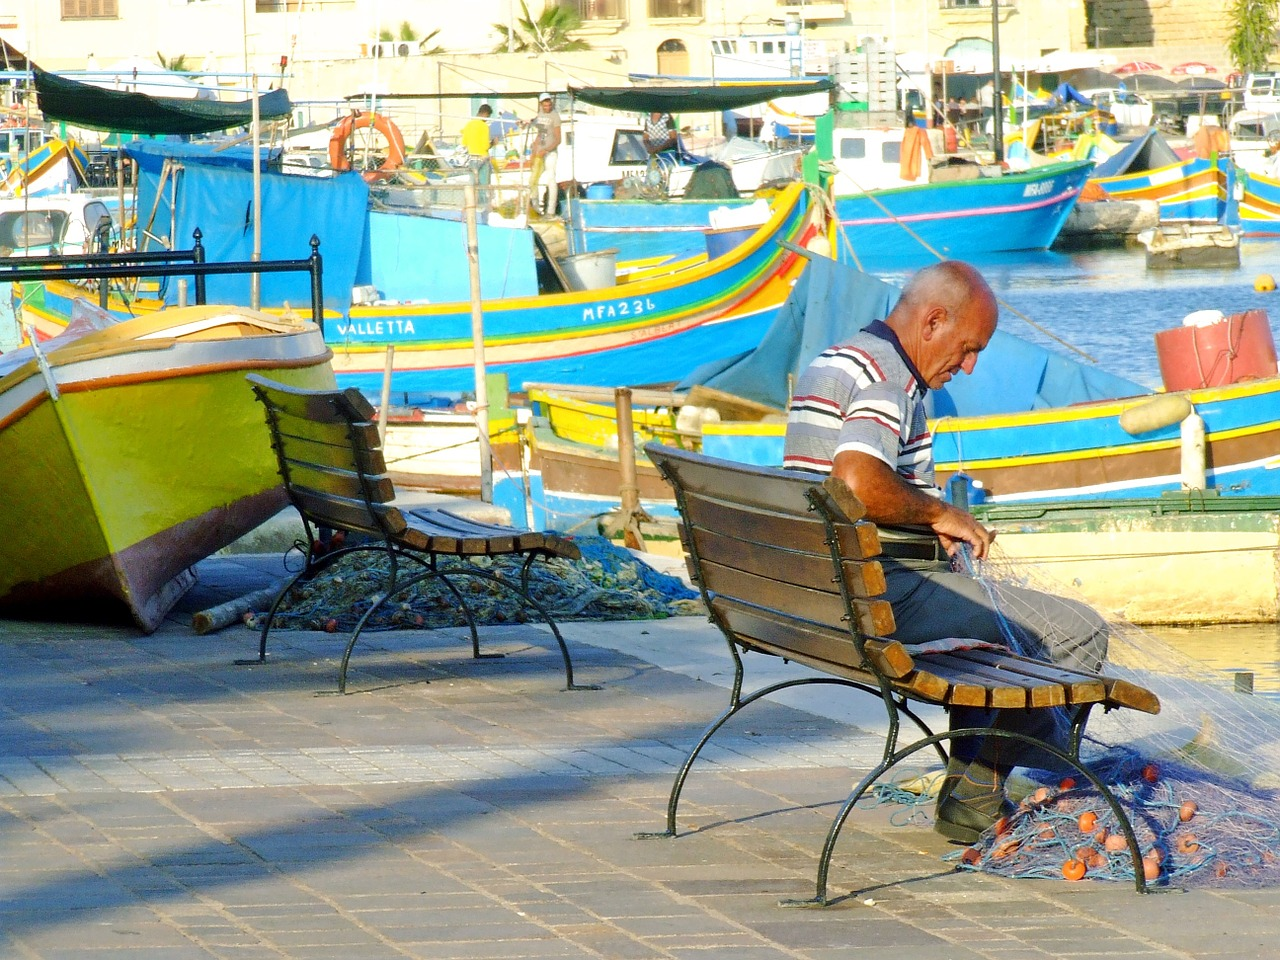 Rybář opravující síť v rybářské vesnici Marsaxlokk